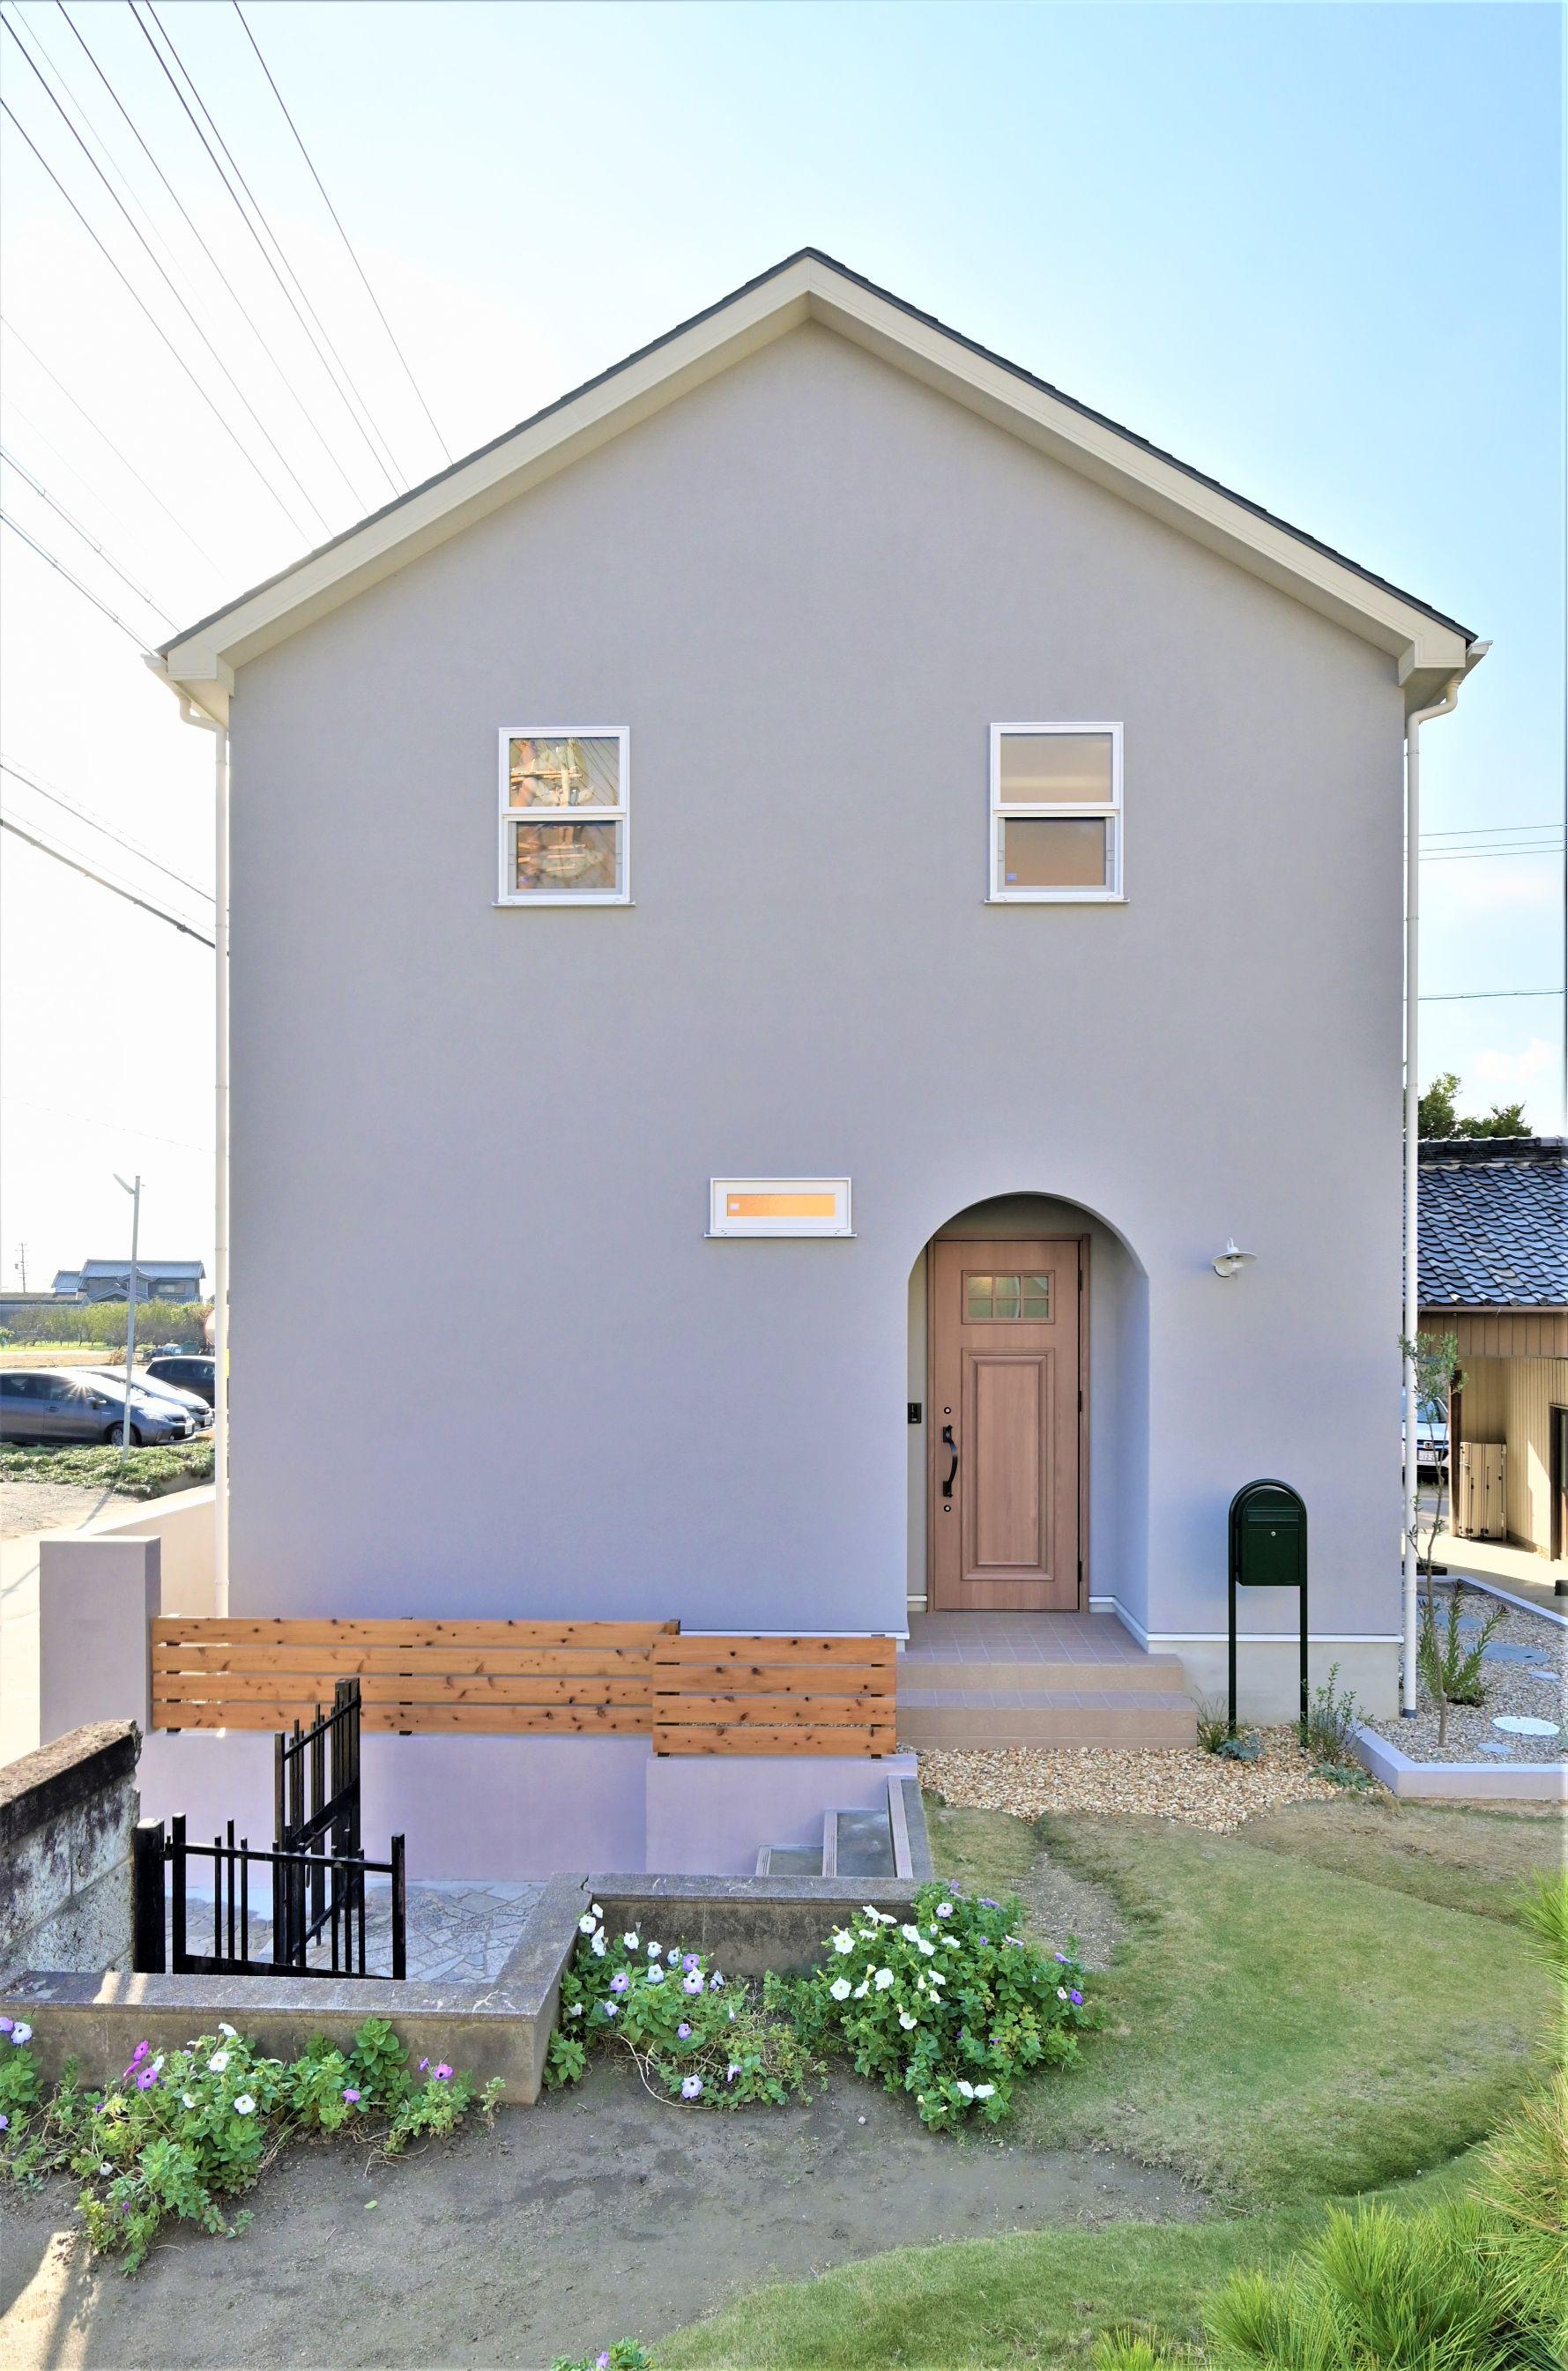 サンエフホーム【デザイン住宅、収納力、自然素材】周囲の景観によく合う三角屋根の可愛い外観